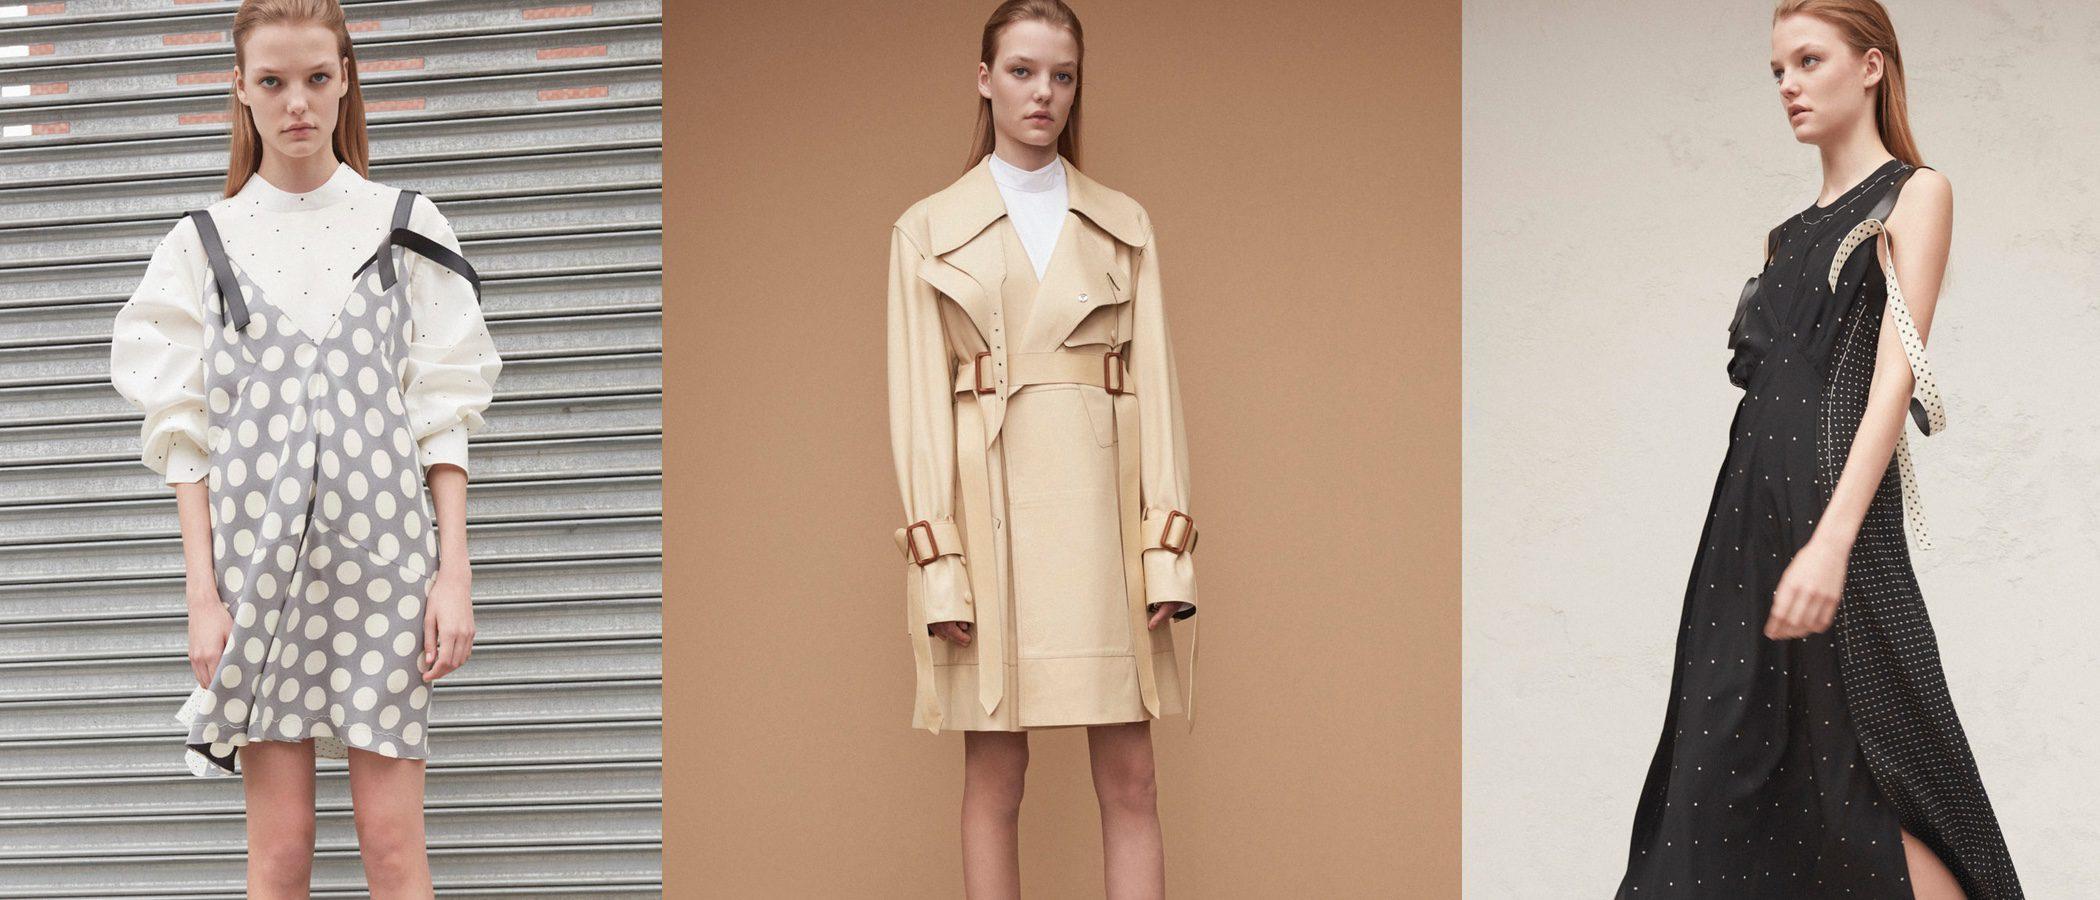 Calvin Klein presenta su hemisferio más innovador con su colección femenina Pre-Spring 2017